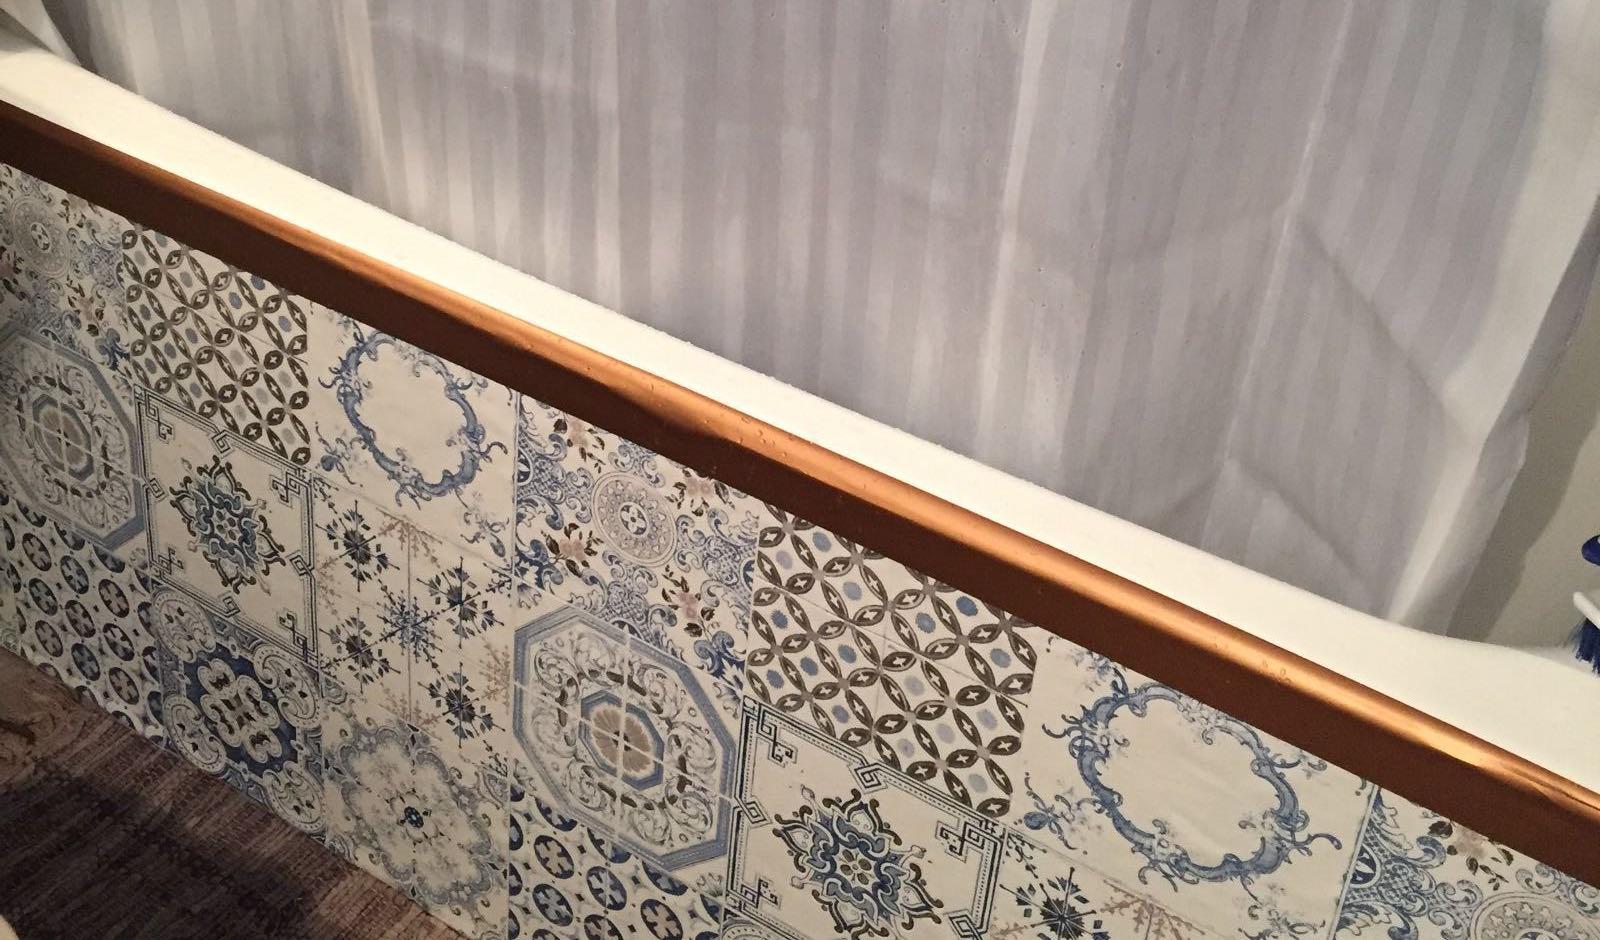 diy deco d fi 4 des carreaux en ciment dans ma salle de bain pour 25 trop chic pas cher. Black Bedroom Furniture Sets. Home Design Ideas